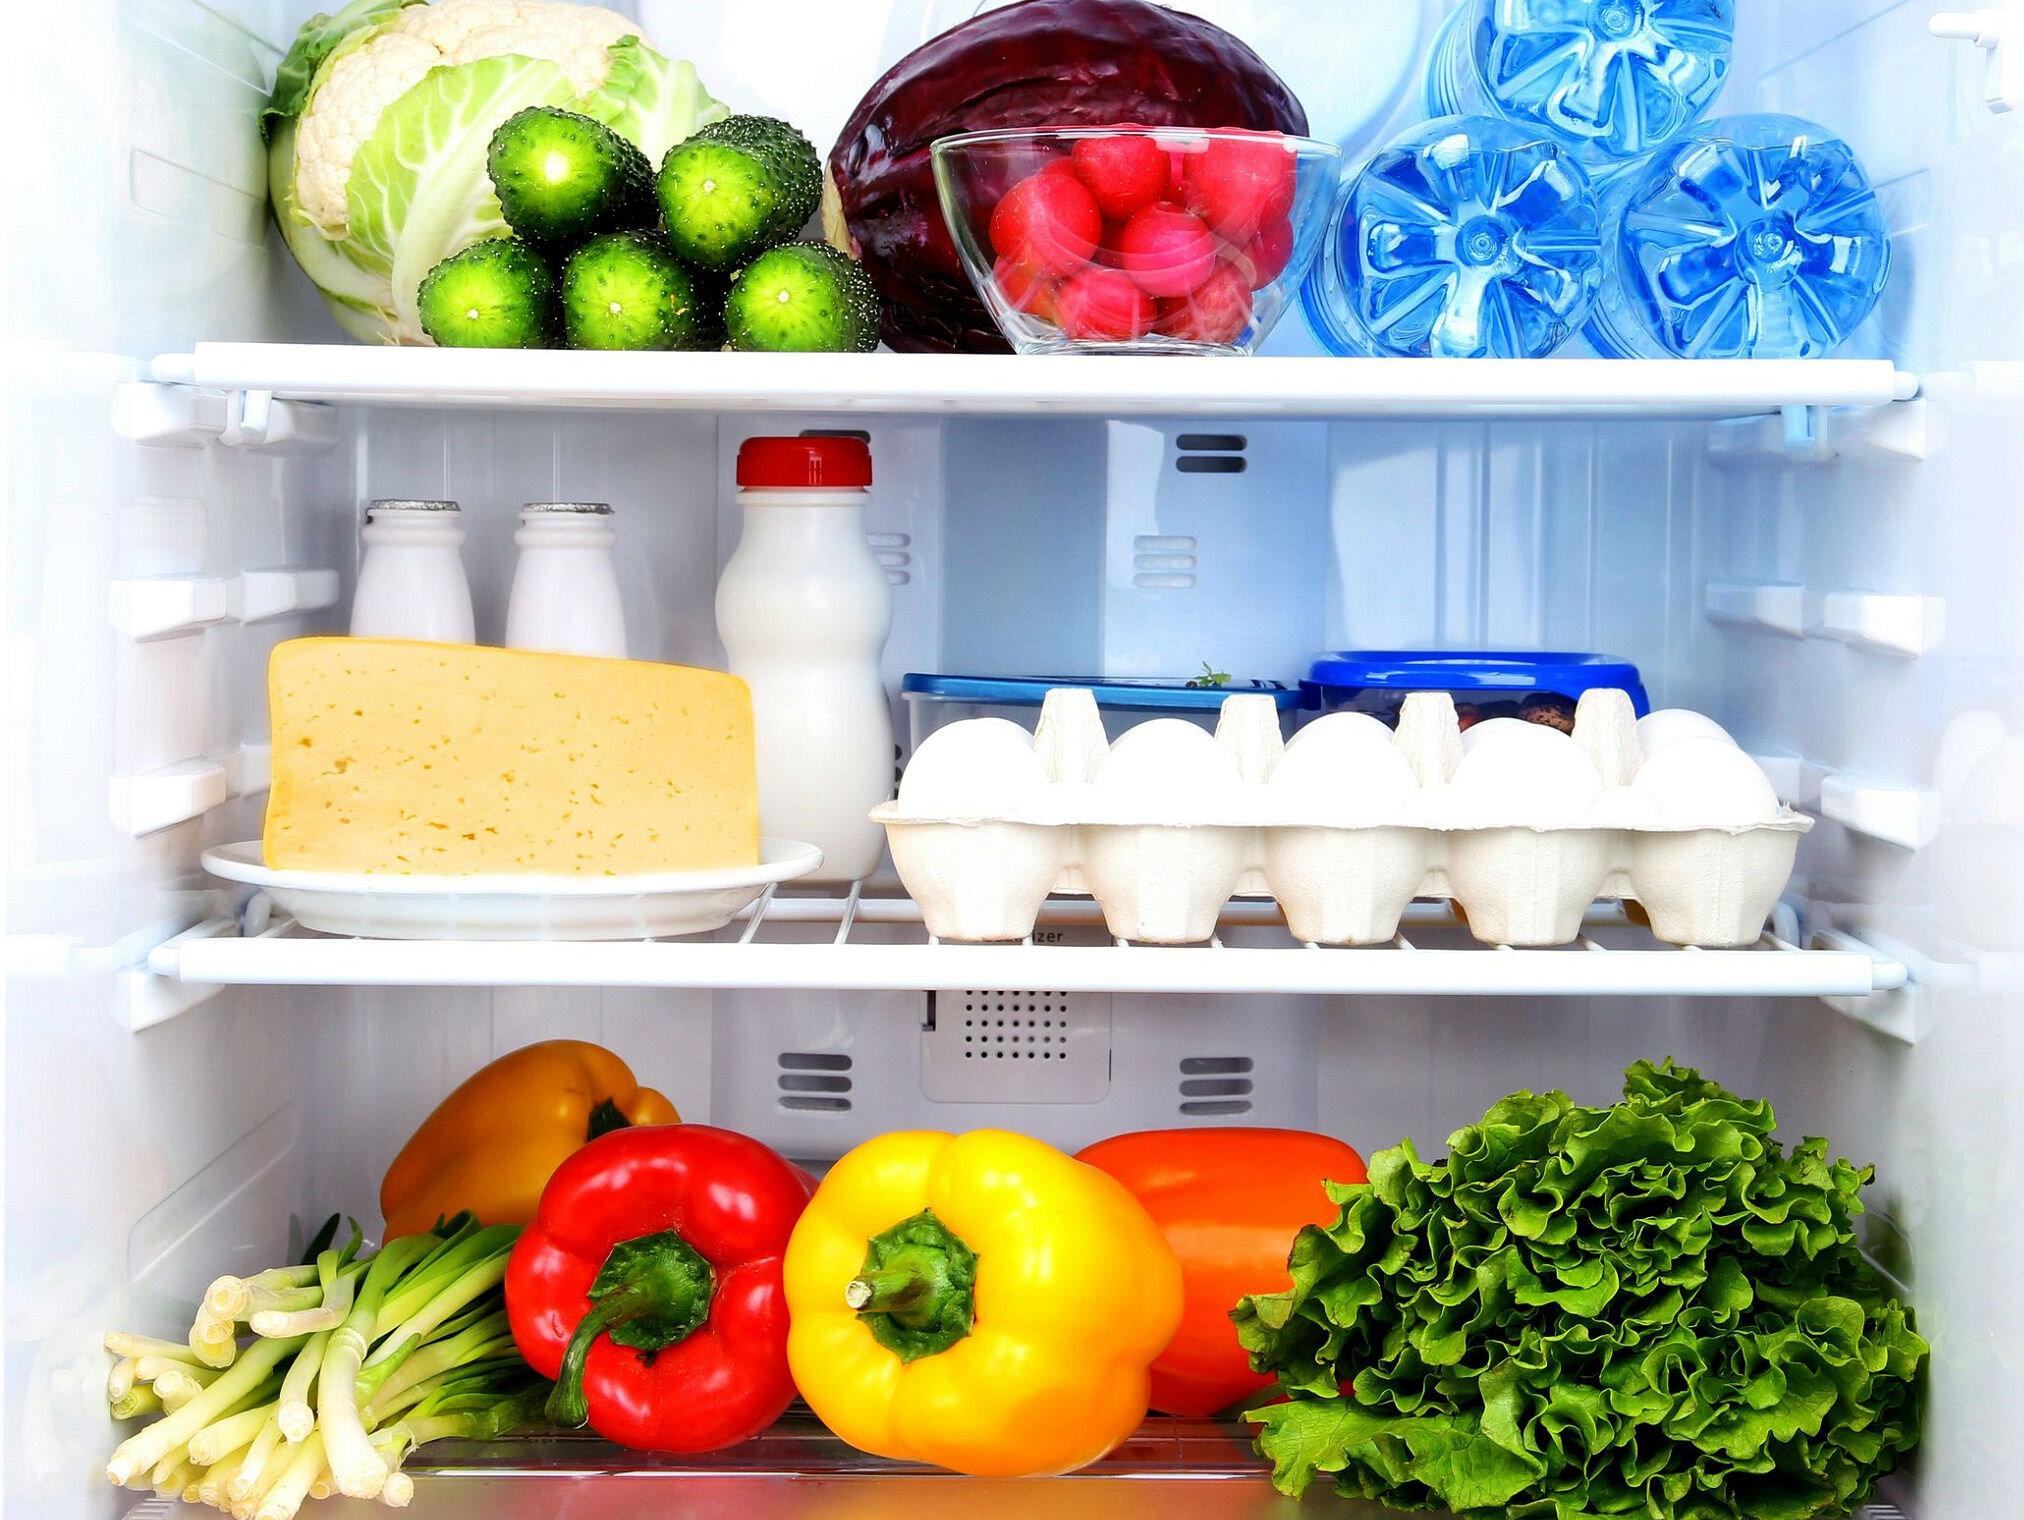 Công nghệ kháng khuẩn khử mùi Hygiene Fresh+ giúp giữ lạnh thực phẩm tươi ngon hơn.